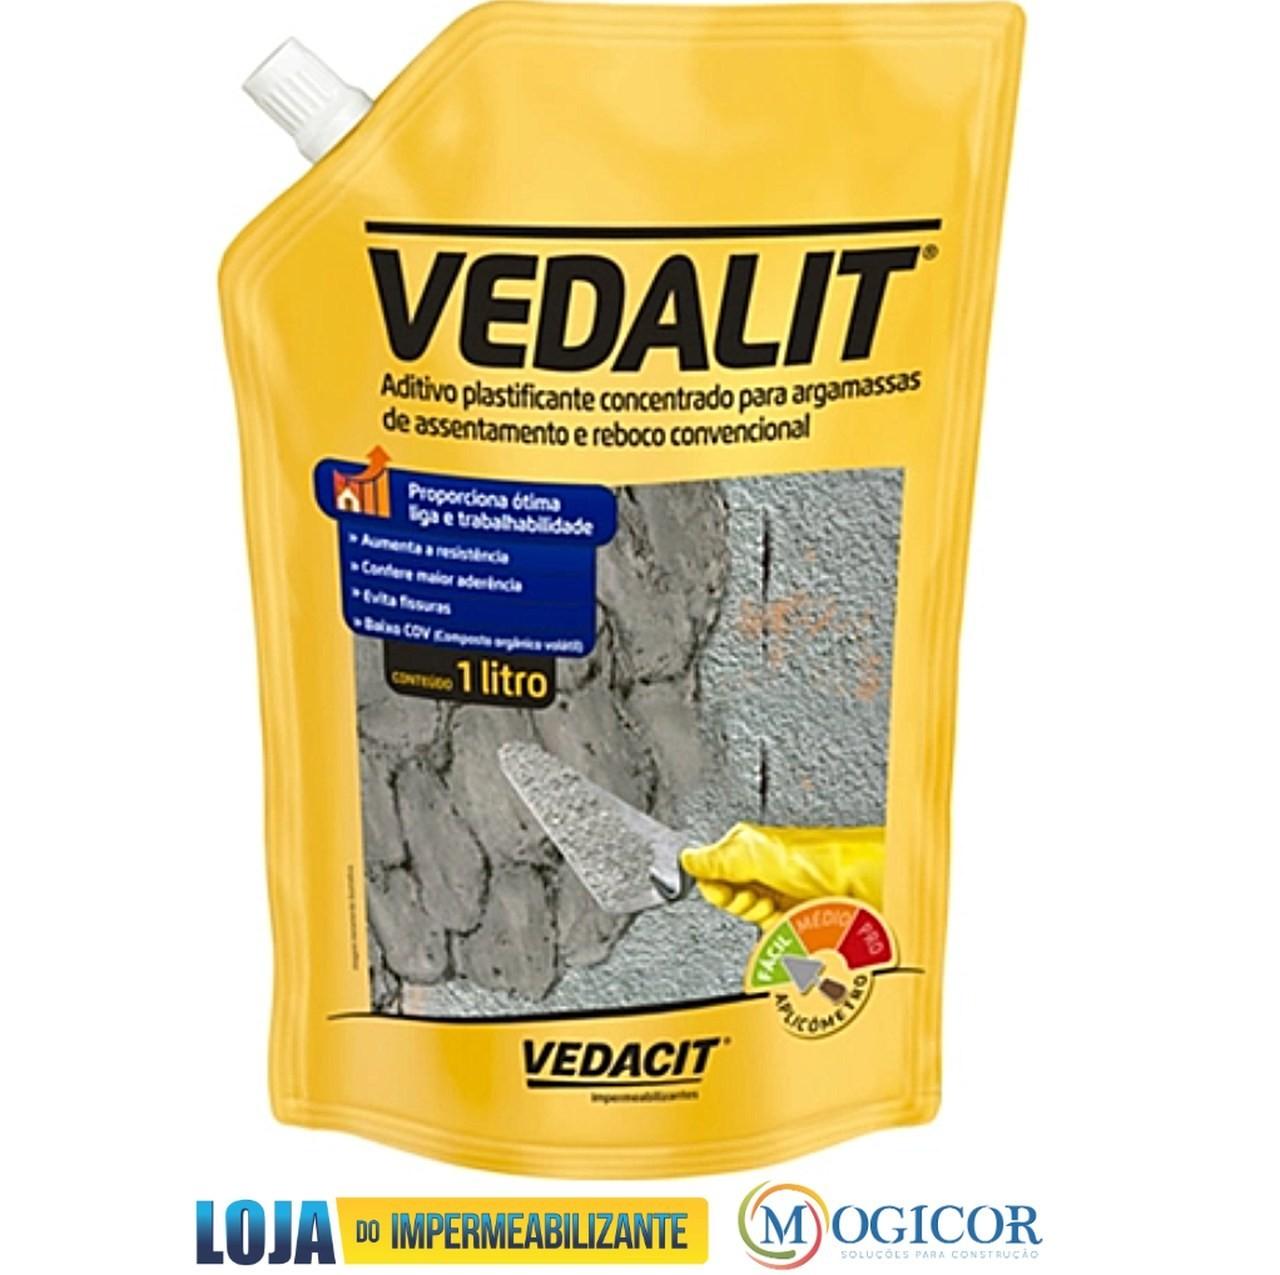 Aditivo Impermeabilizante Vedalit p/ Argamassas e Rebocos - Vedacit